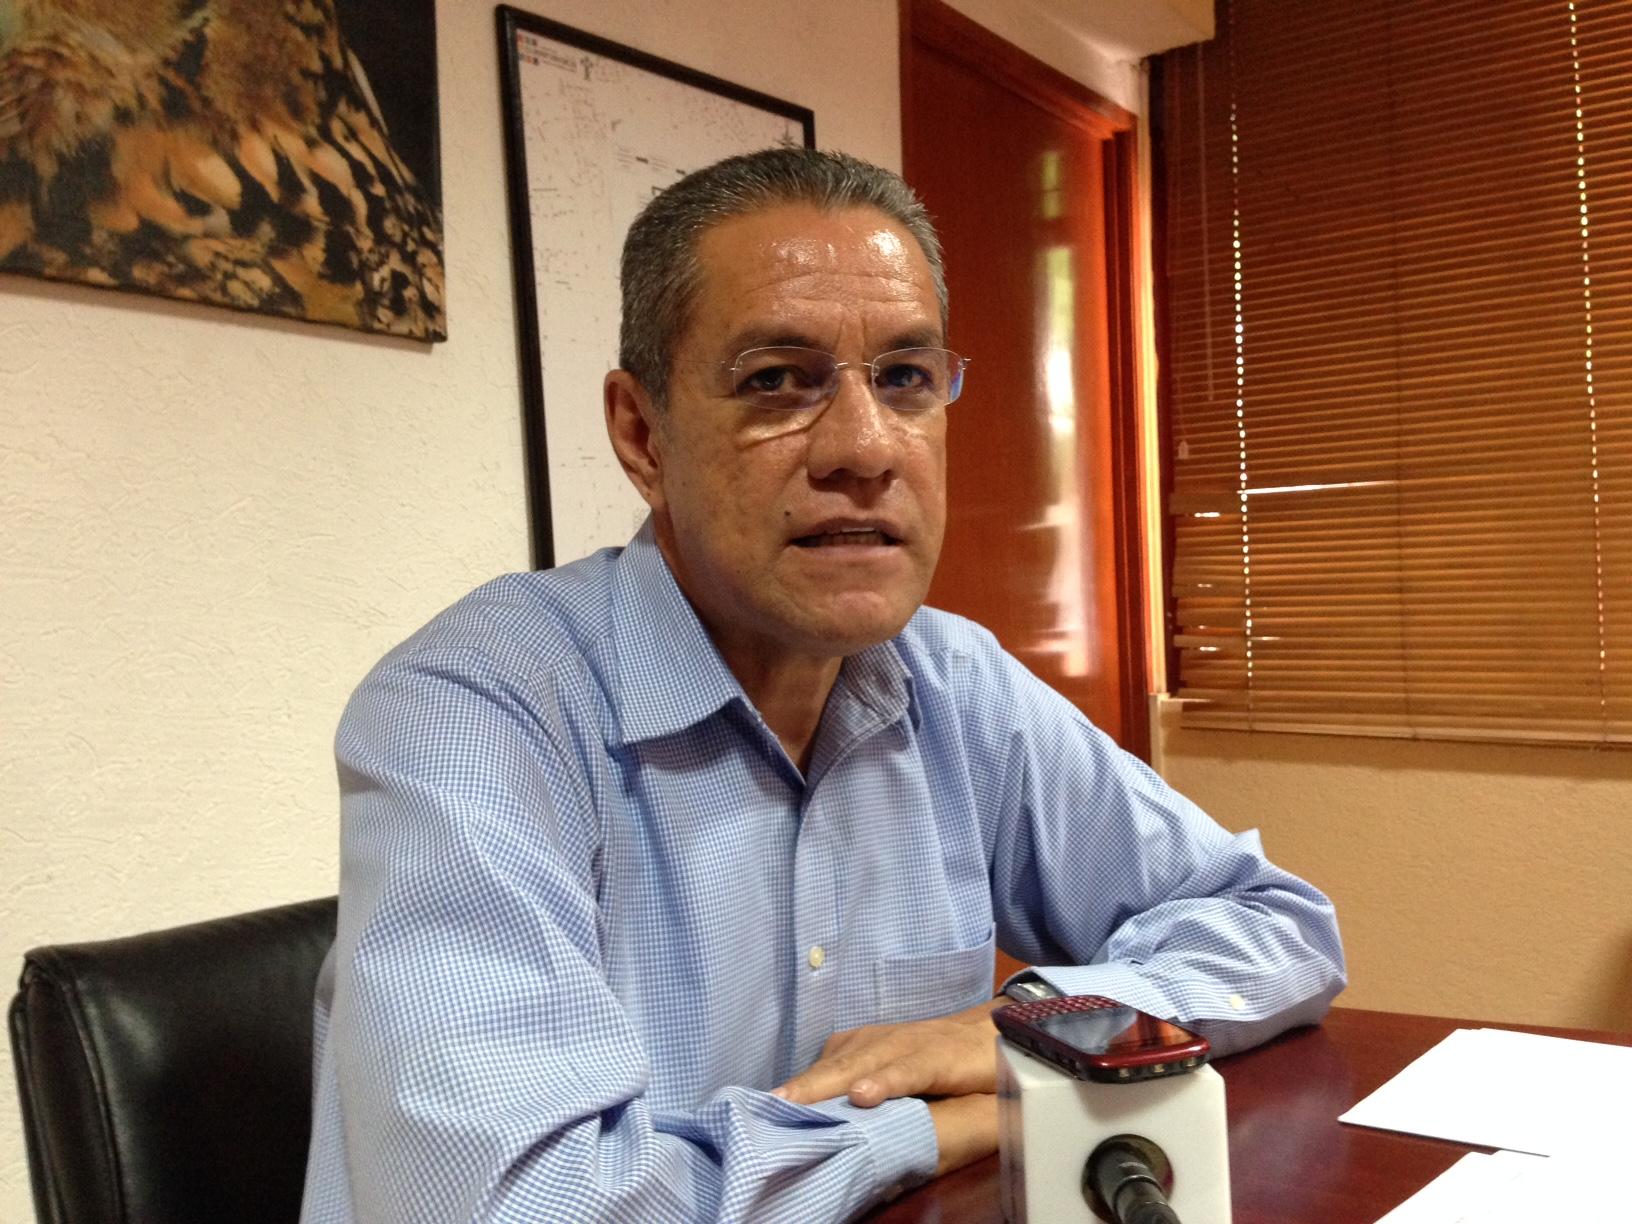 Enrique Paredes Sotelo